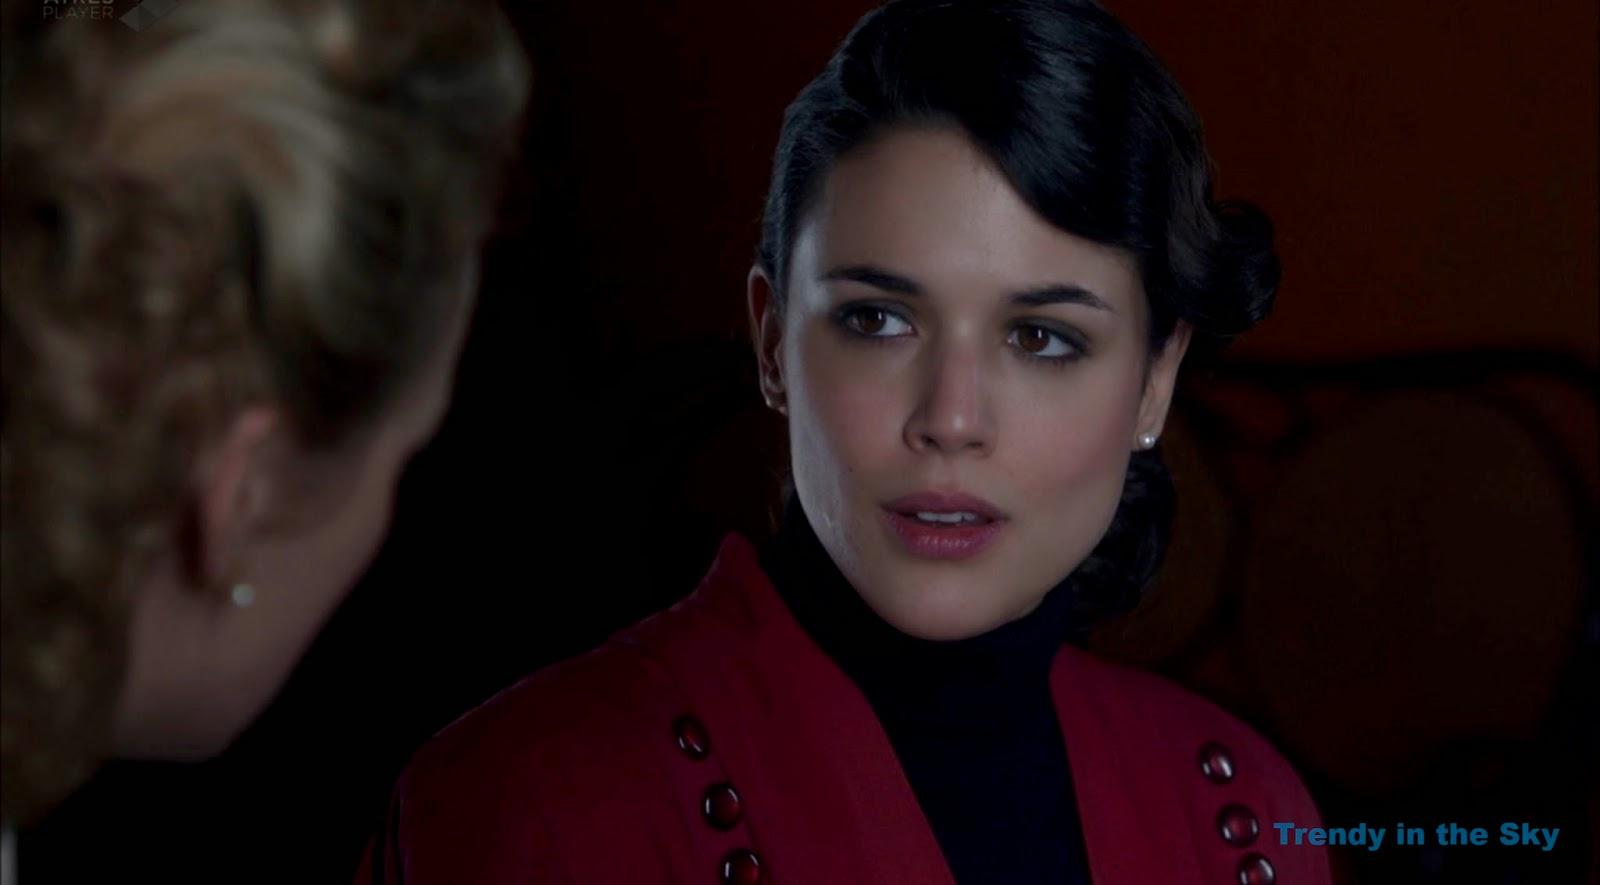 Sira Quiroga chaqueta roja. El tiempo entre costuras. Capítulo 10